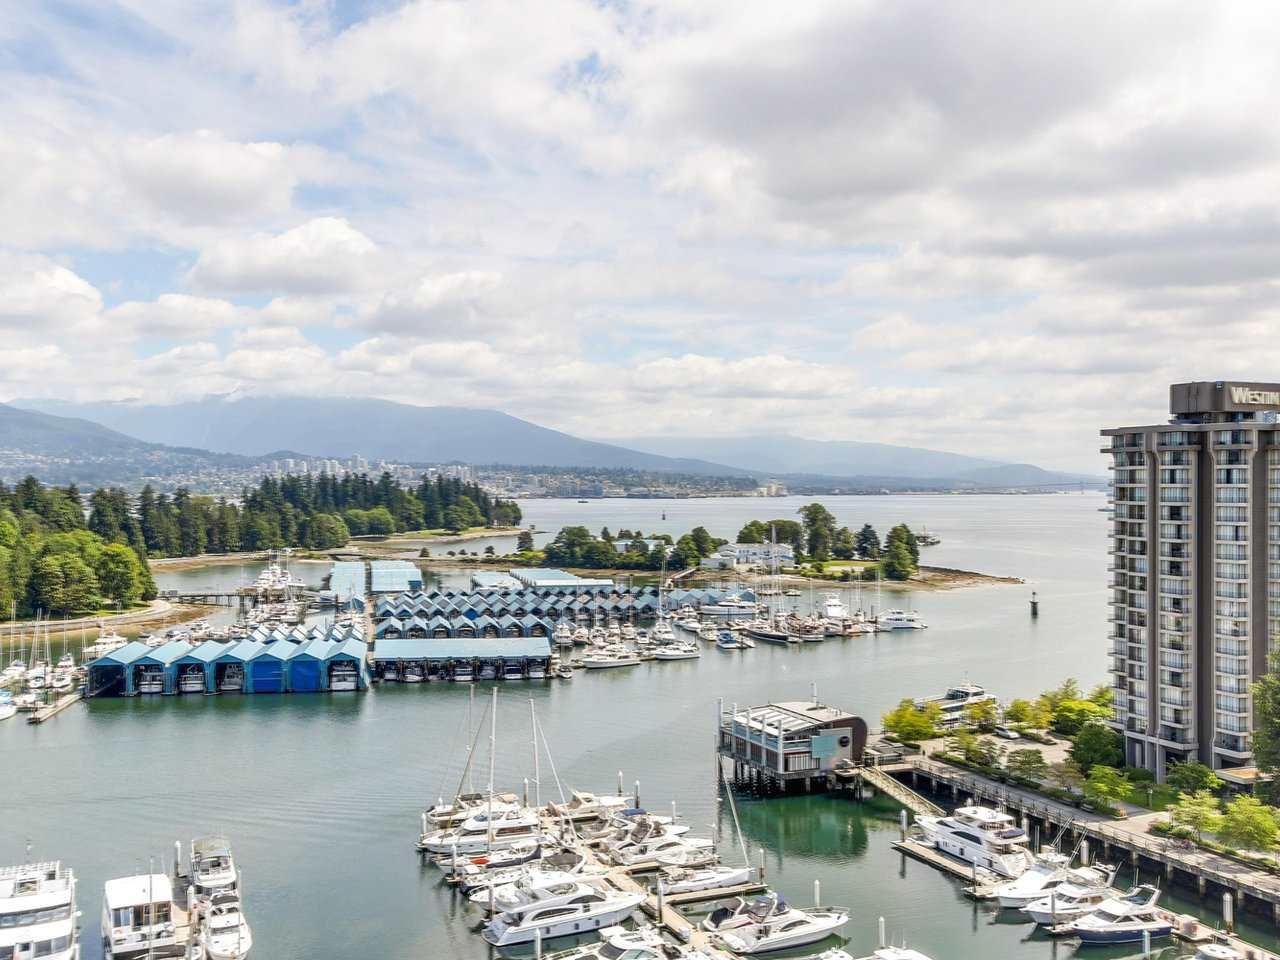 Condo Apartment at PH2 1777 BAYSHORE DRIVE, Unit PH2, Vancouver West, British Columbia. Image 2